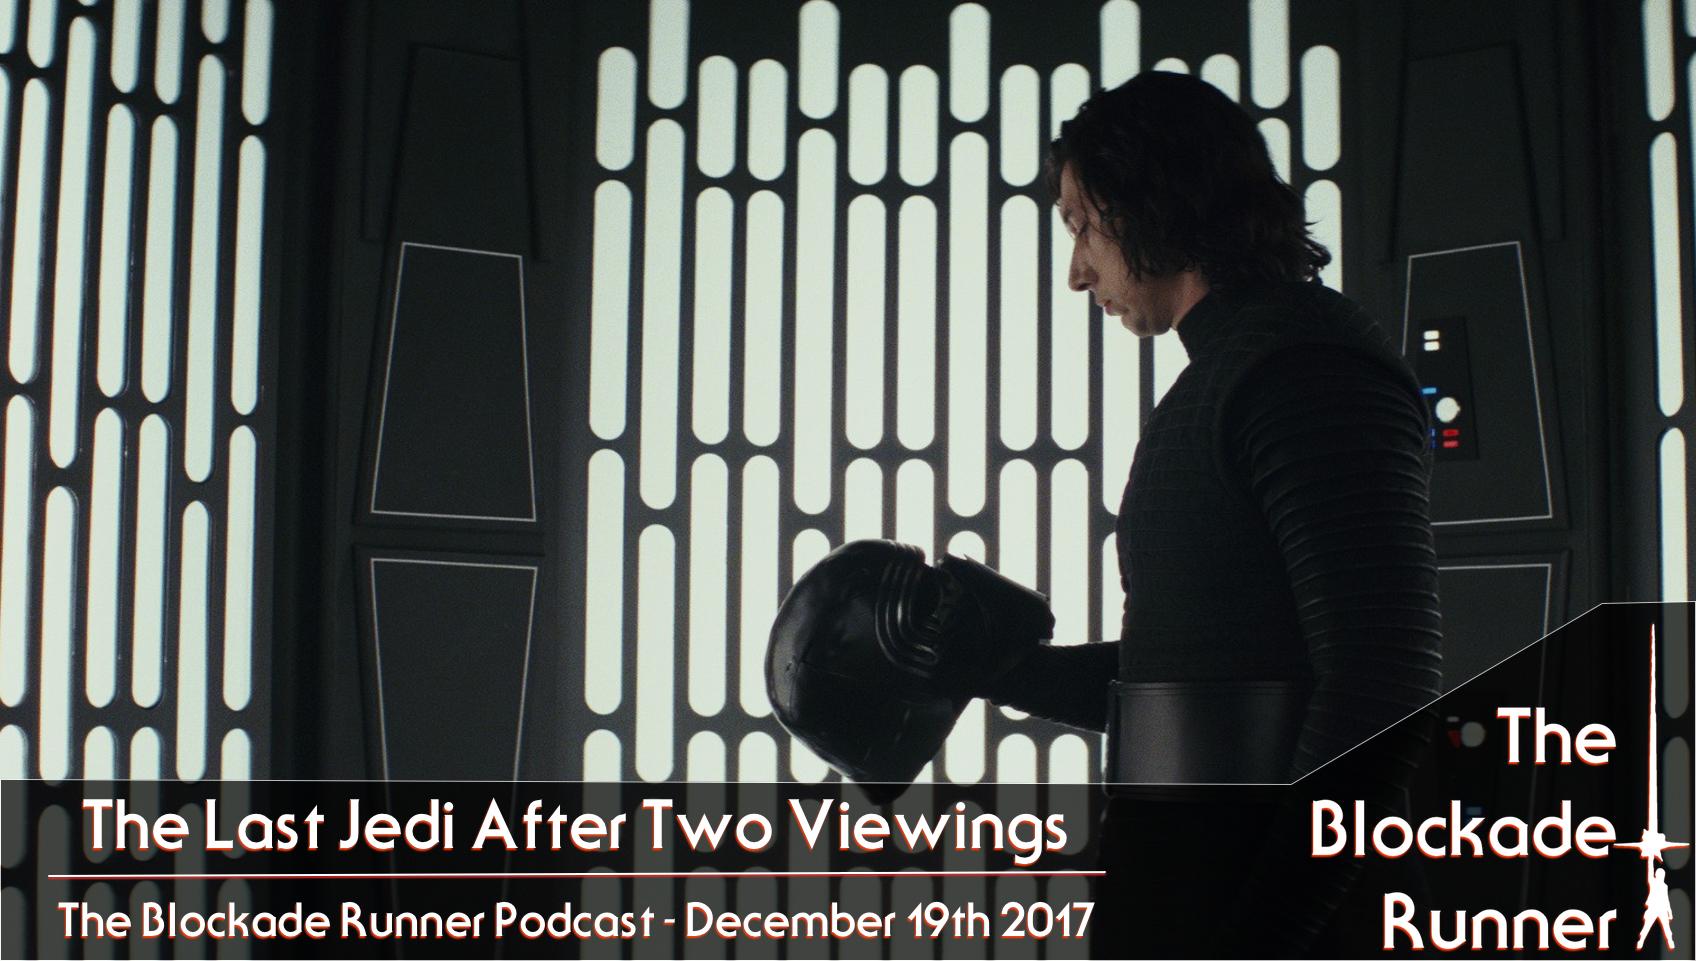 Last Jedi Reactions Show #3